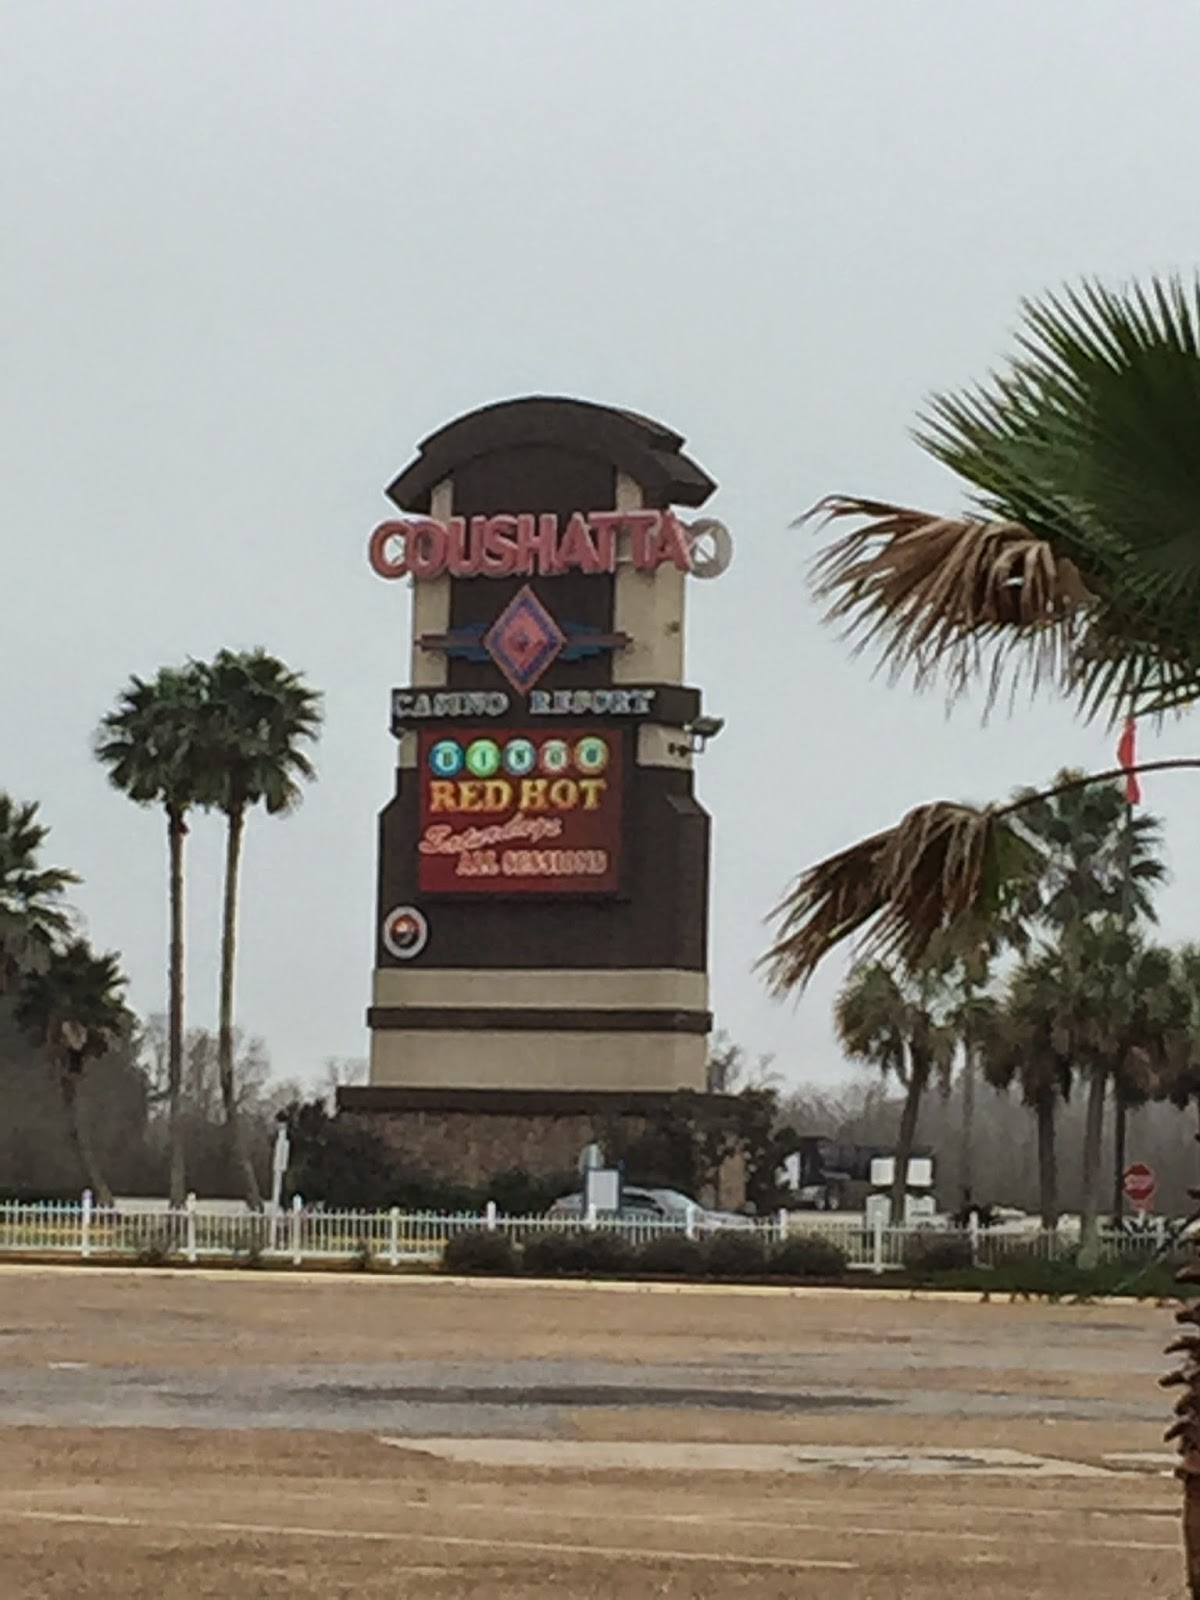 Firelake grand casino in shawnee isle casino pompano beach florida